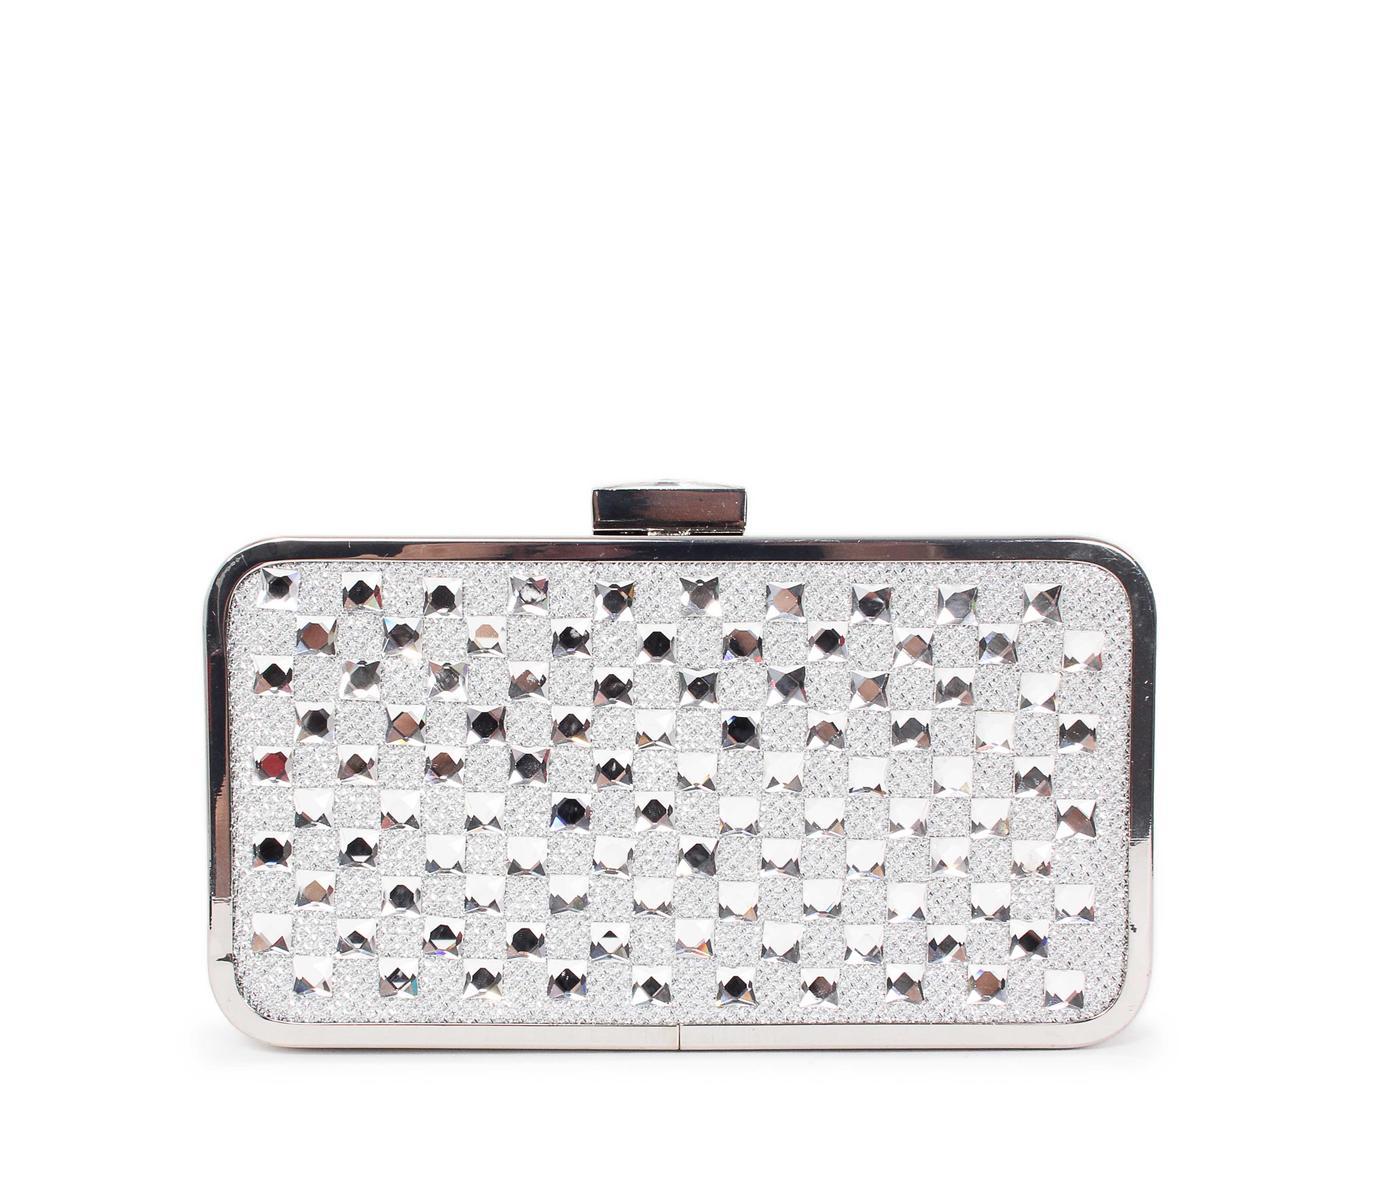 Blossom Handbags